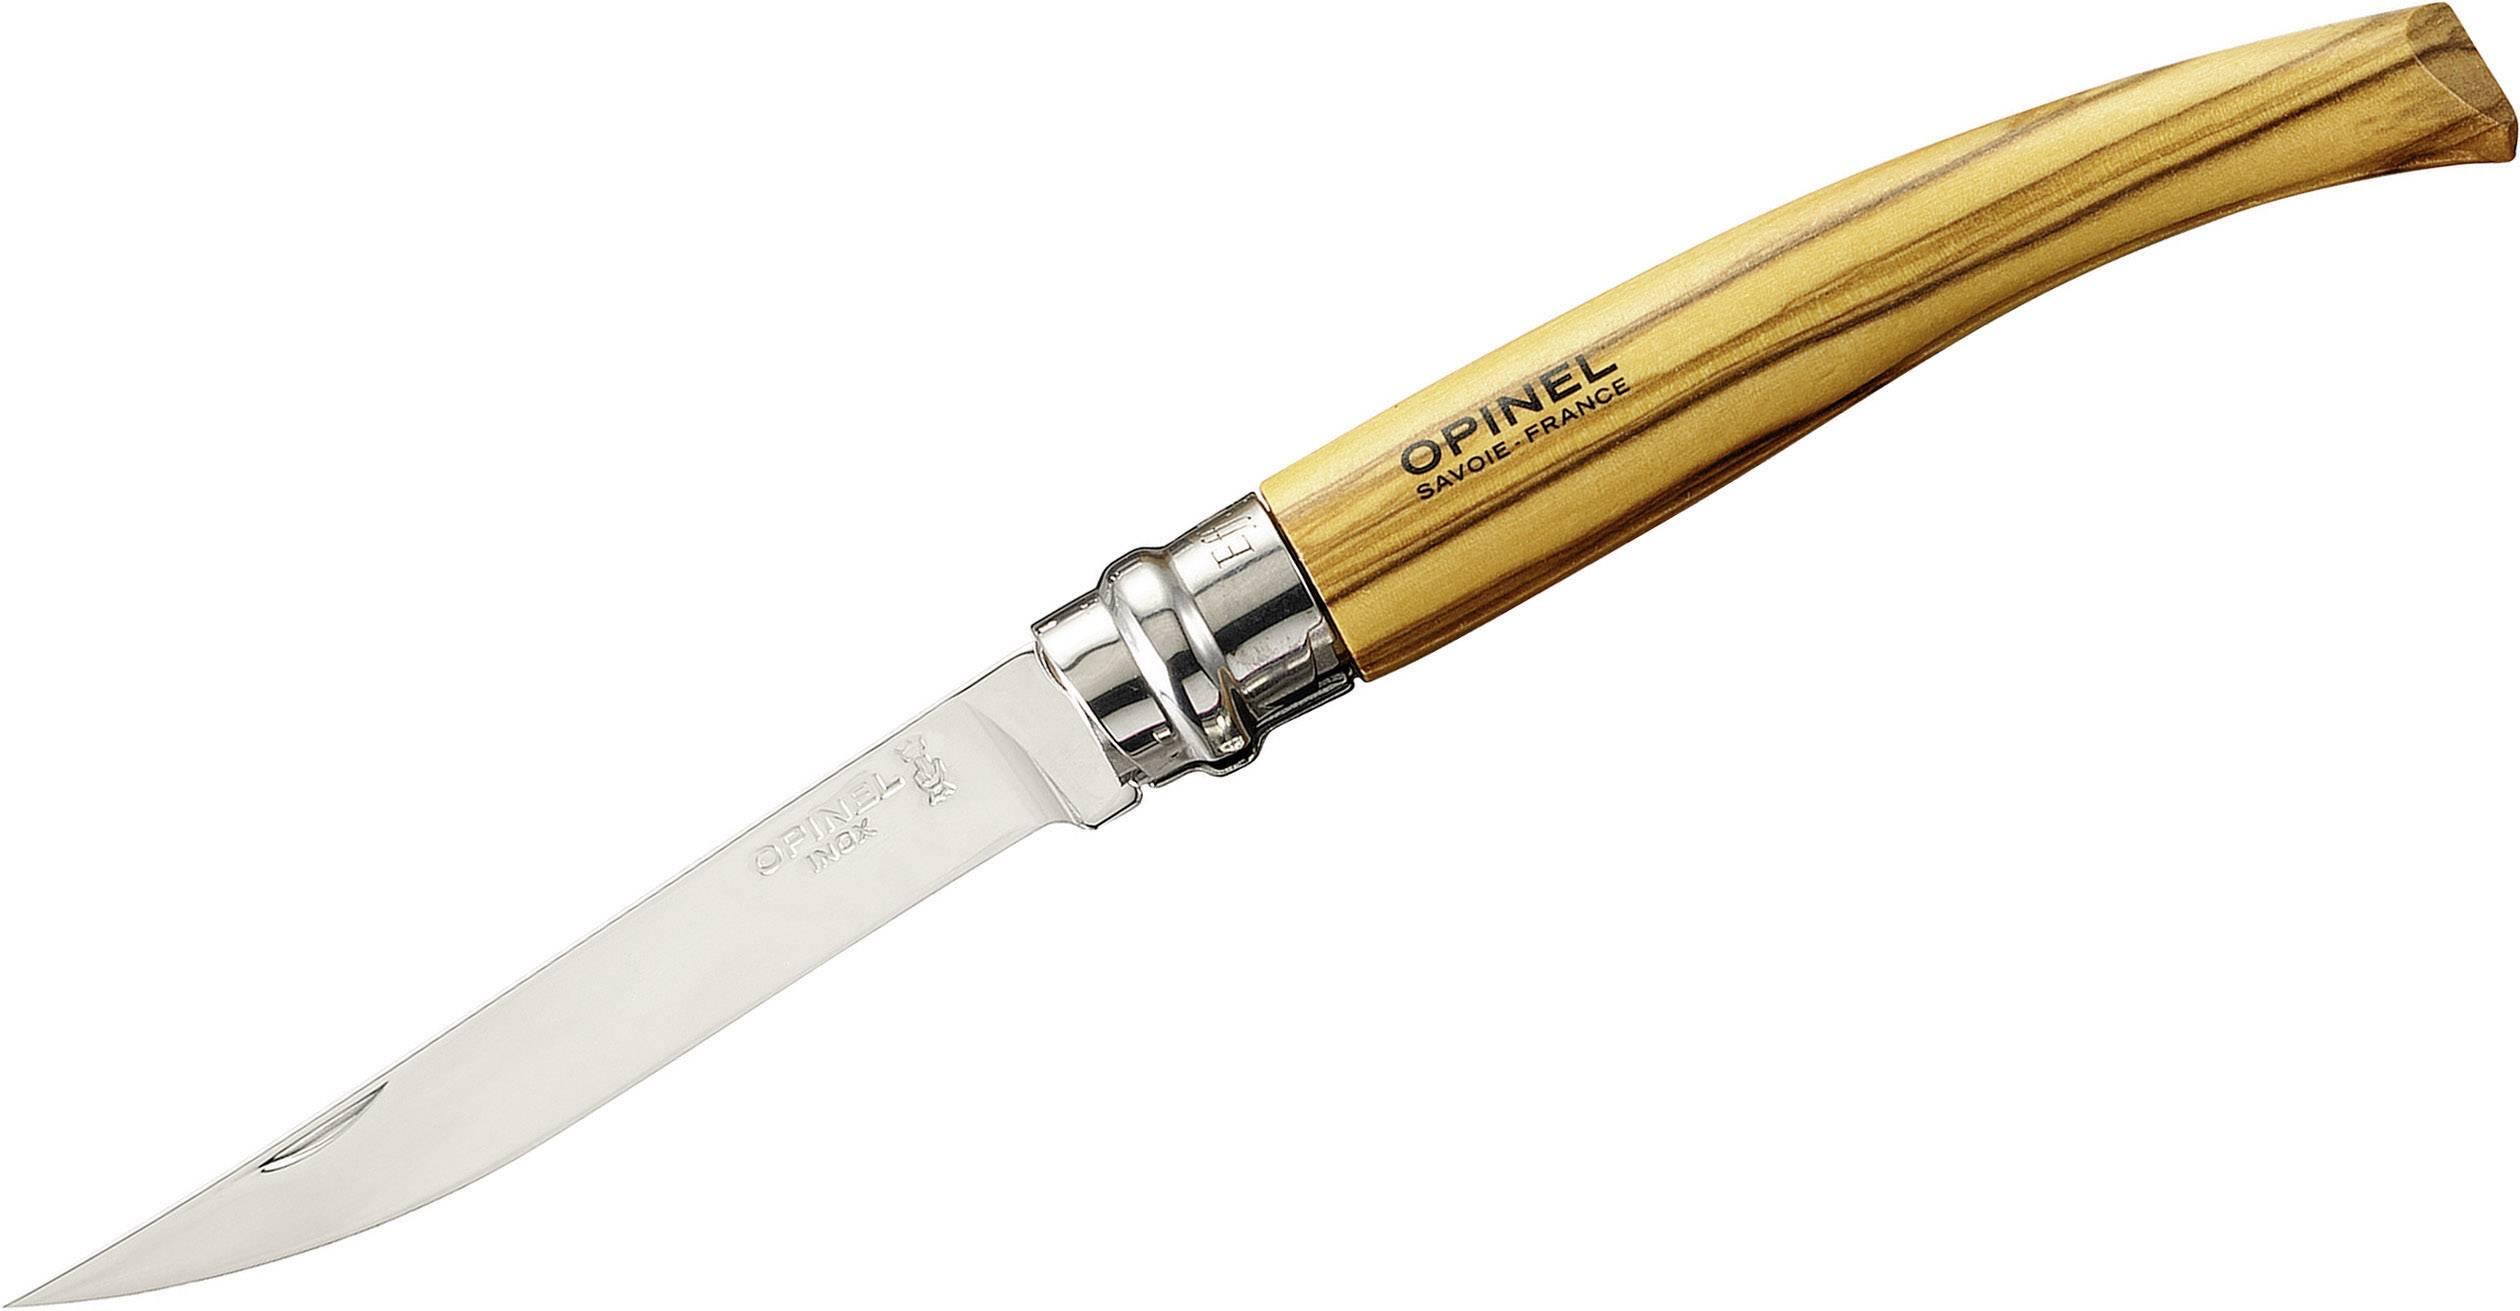 Kapesní nůž Opinel Slim-Line 10 254095, dřevo, chrom